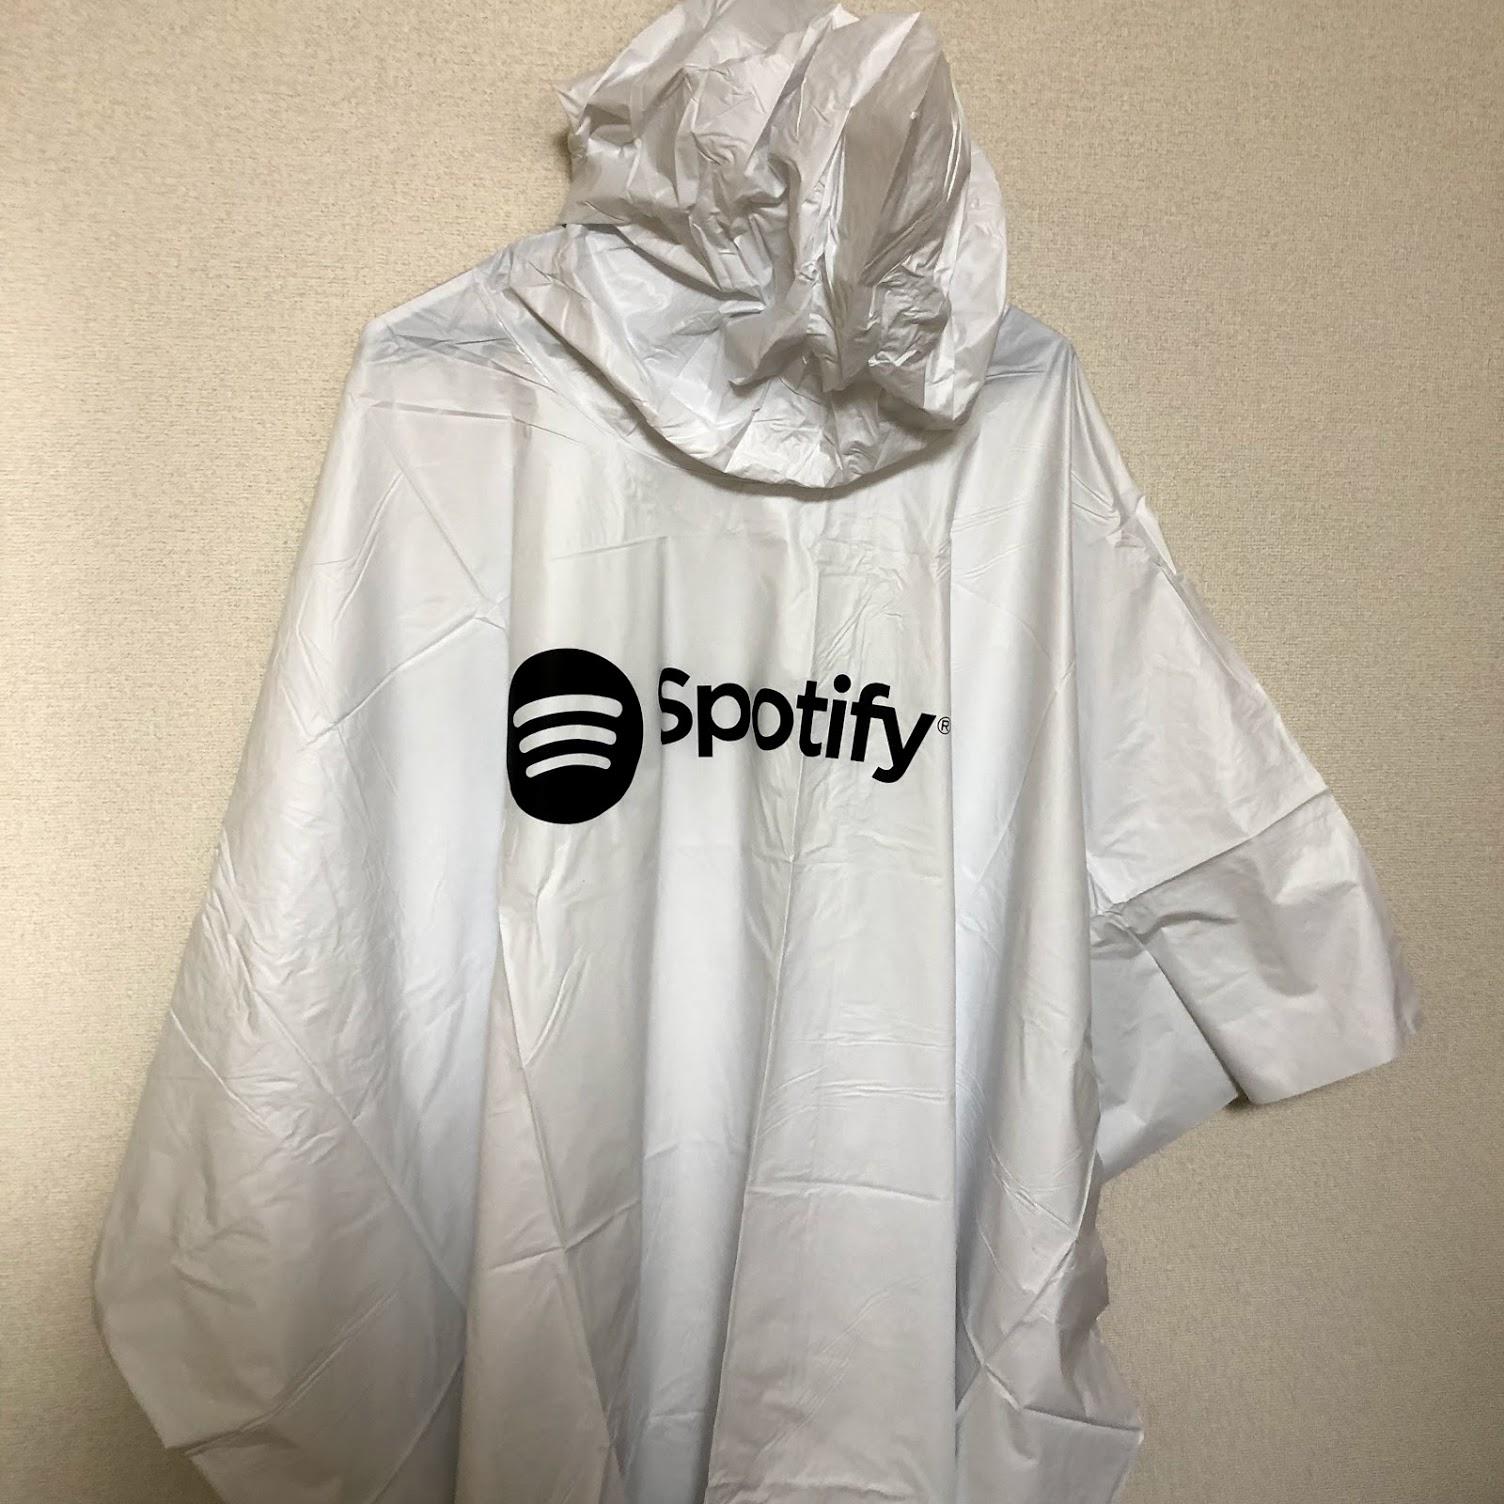 Spotify レインポンチョ